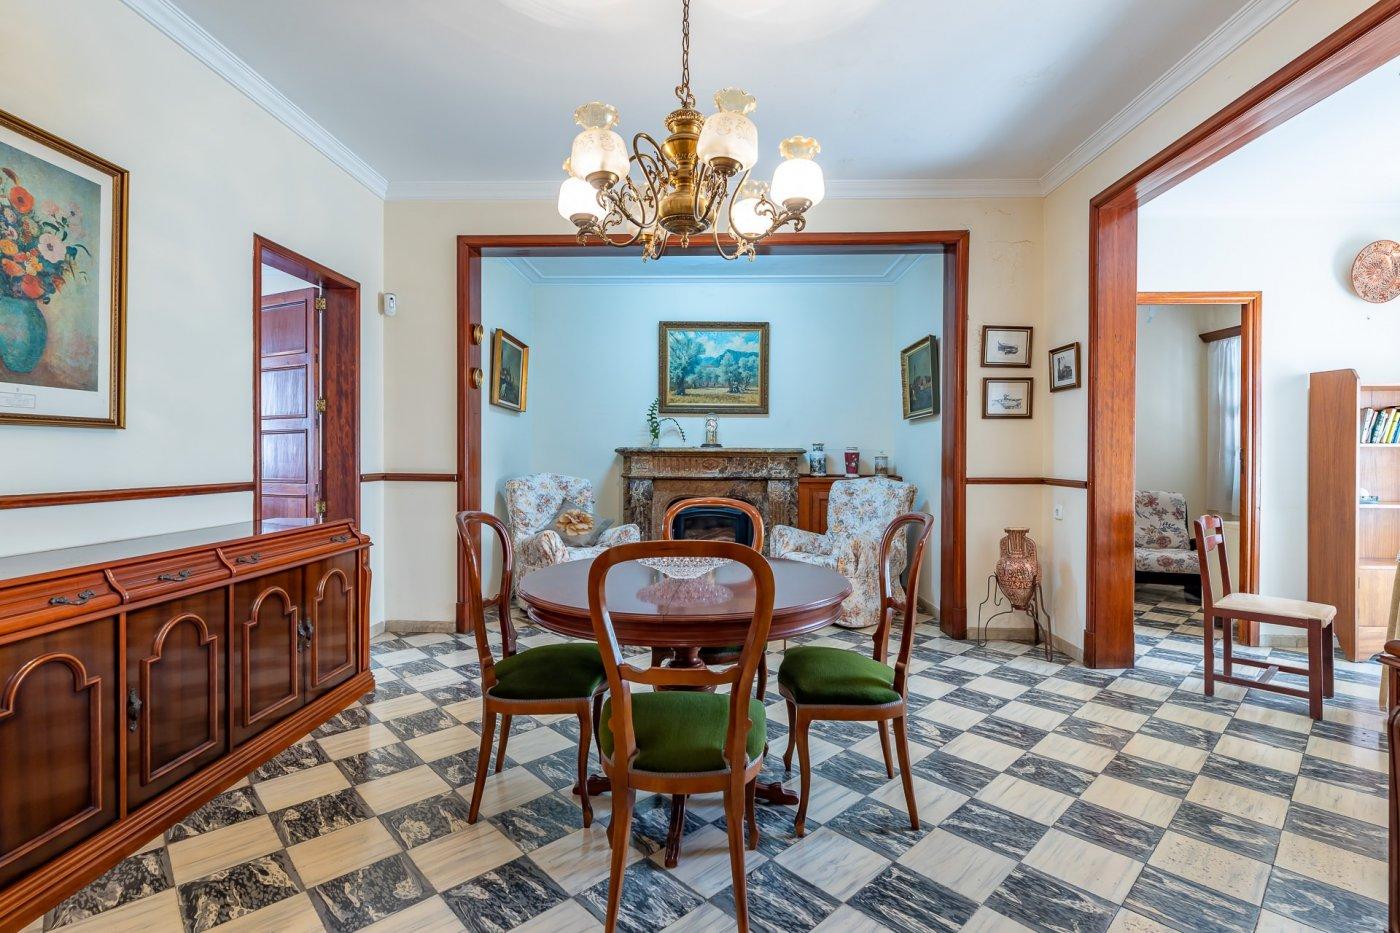 Casa con jardin en els hostalets, palma - imagenInmueble6